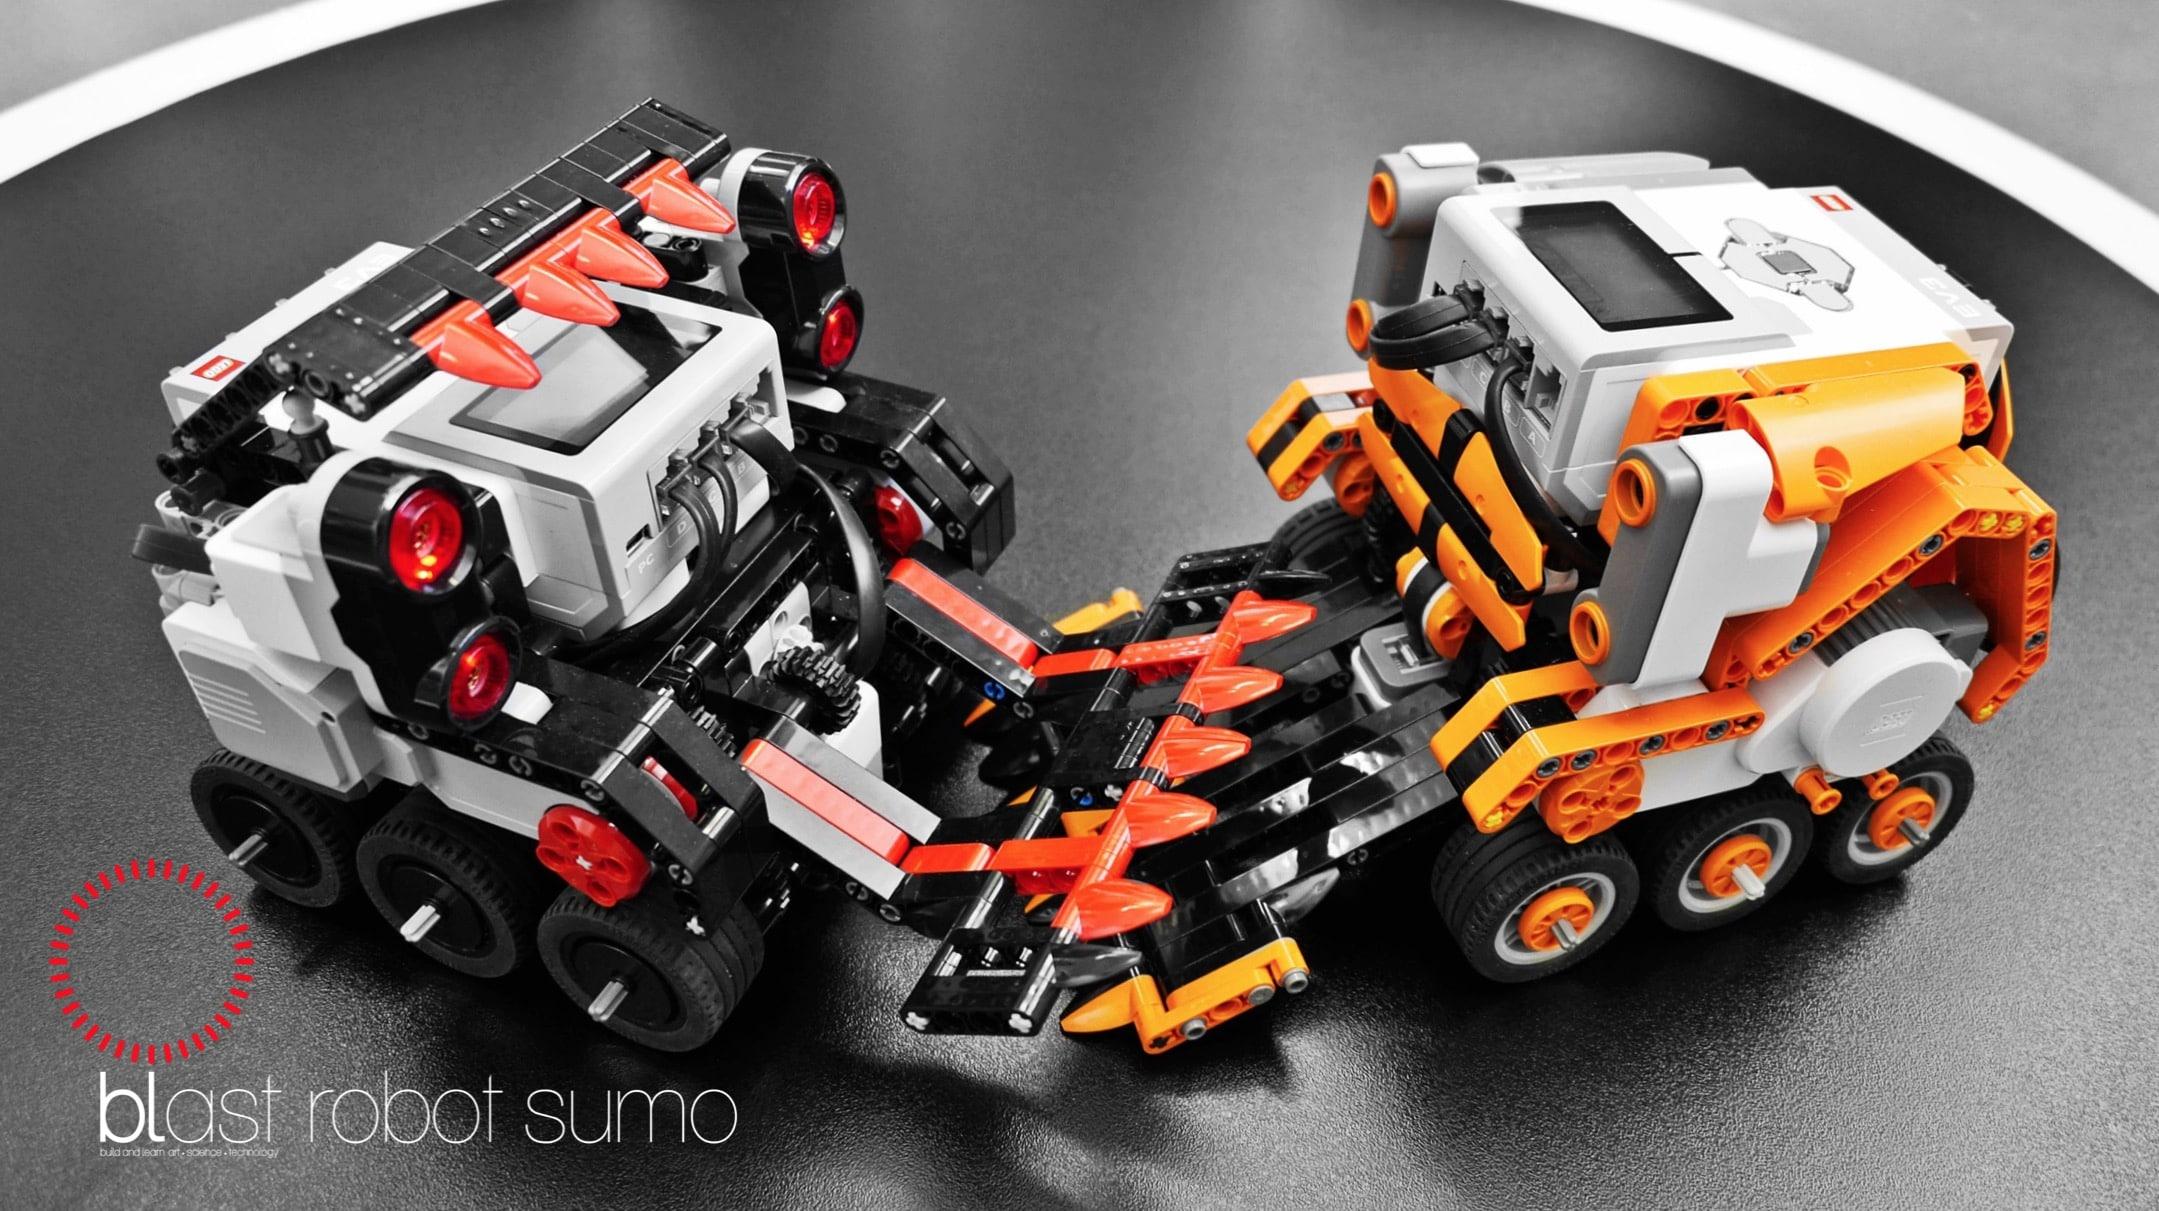 blast robot sumo III